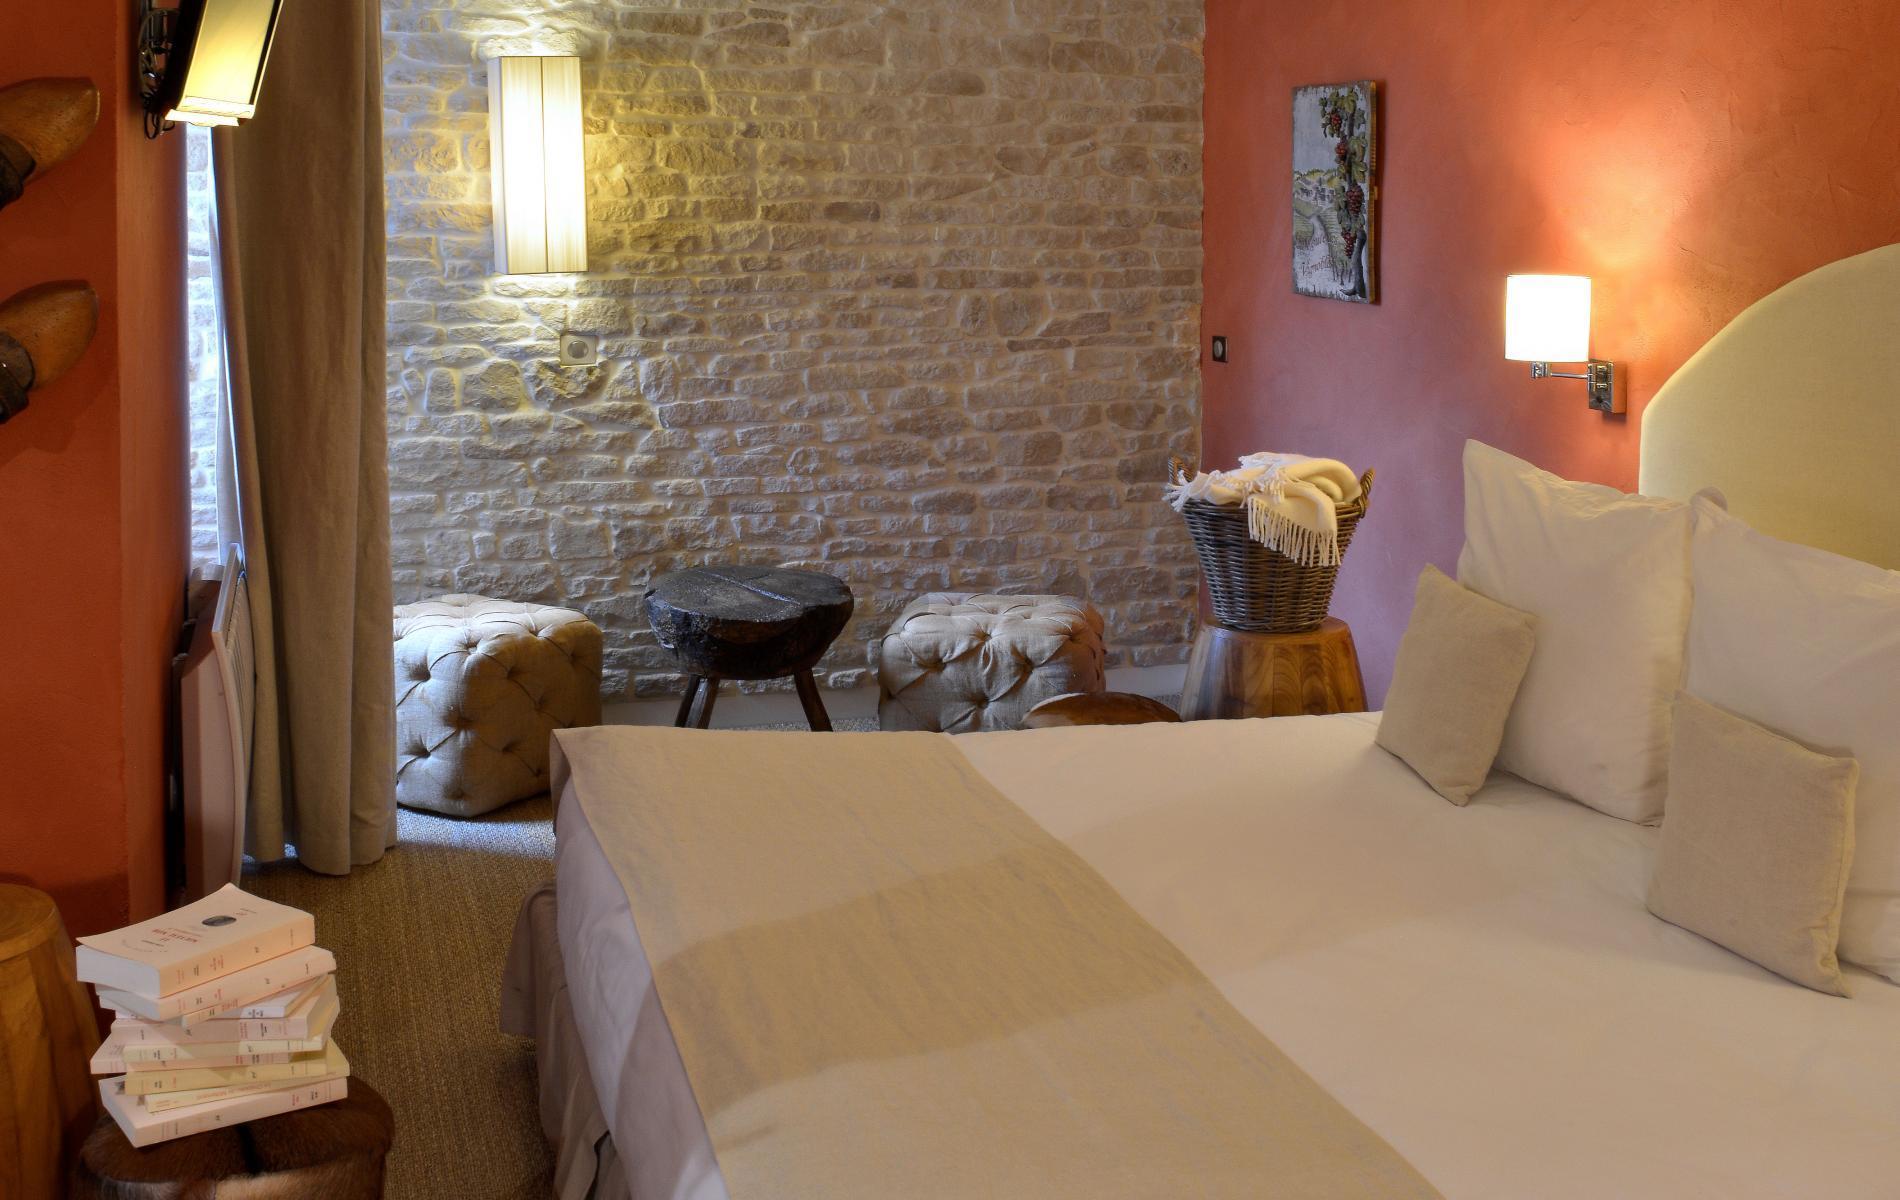 tarifs et offres de l 39 h tel les trois rois issoudun proche de ch teauroux dans l 39 indre. Black Bedroom Furniture Sets. Home Design Ideas